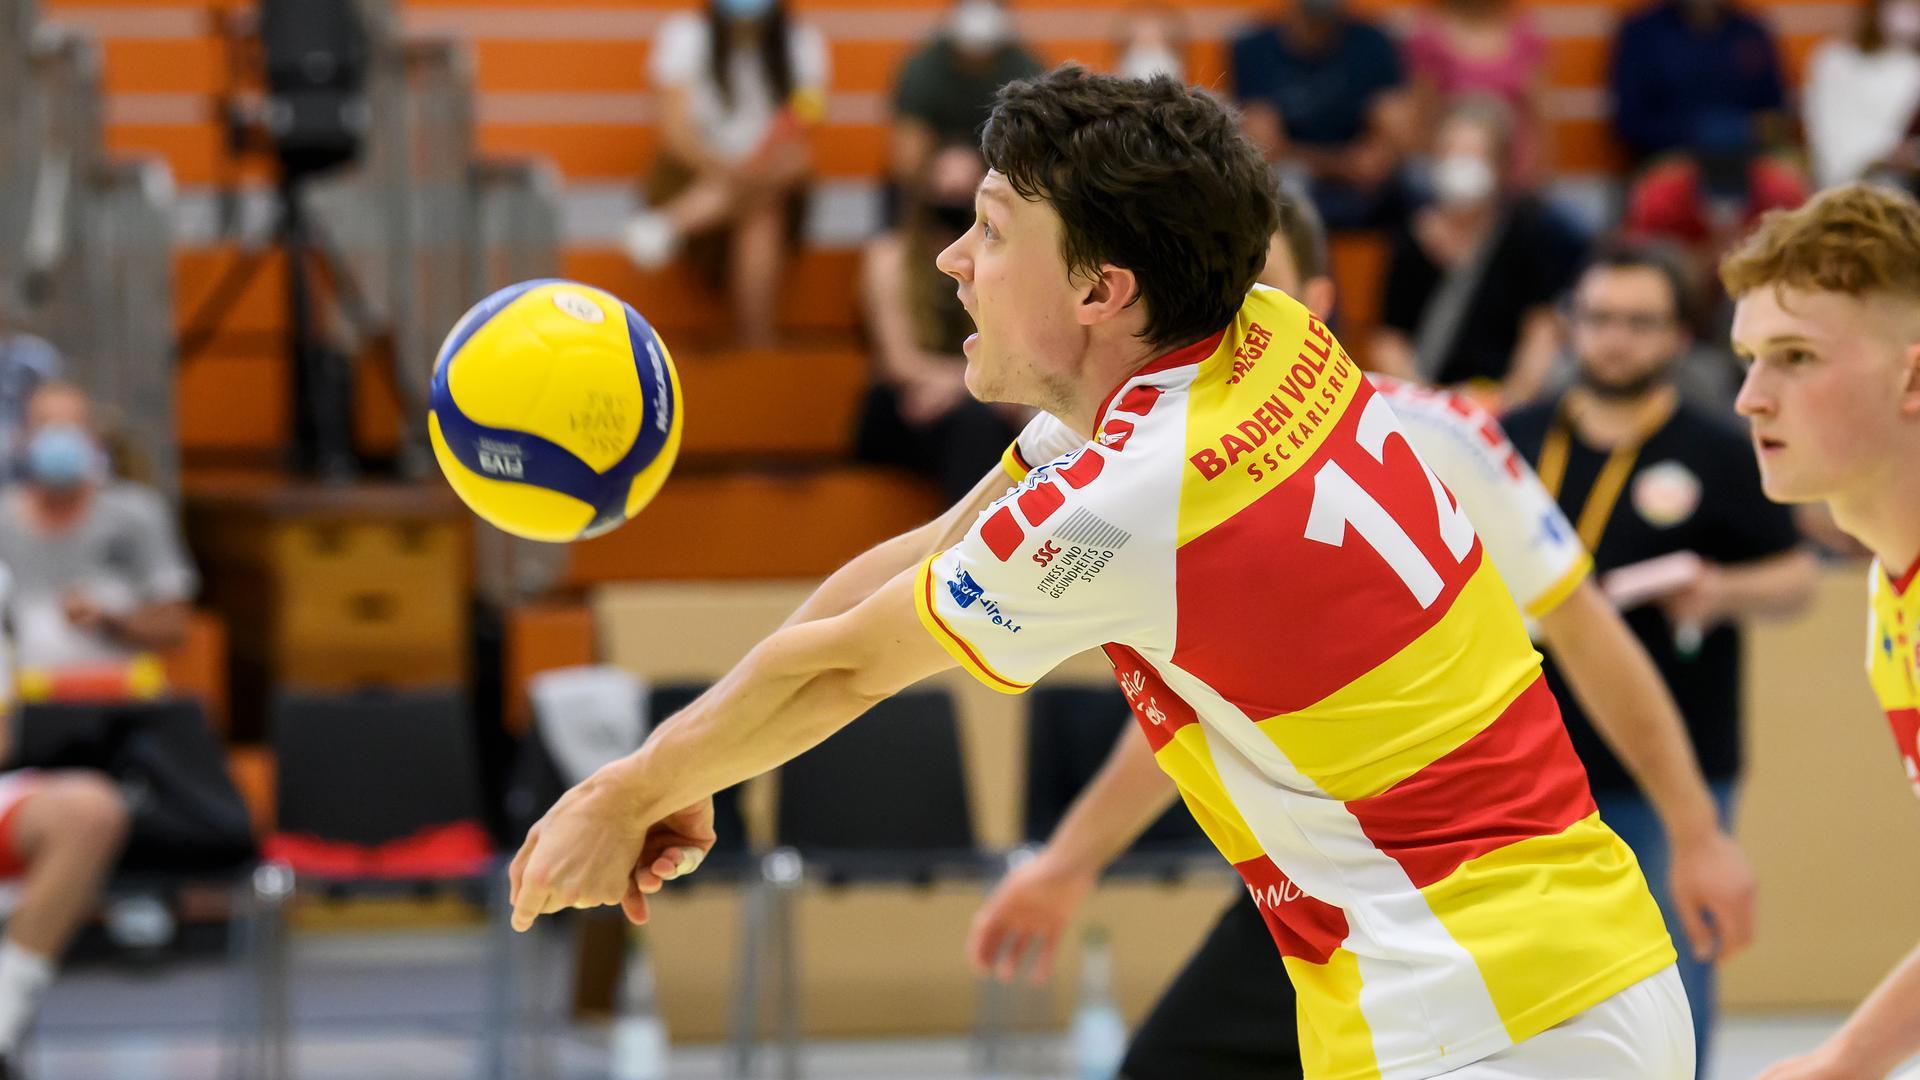 Lukas Jaeger fuhr mit den Baden Volleys bei der TG Mainz-Gonseneheim den zweiten glatten Saisonsieg ein.